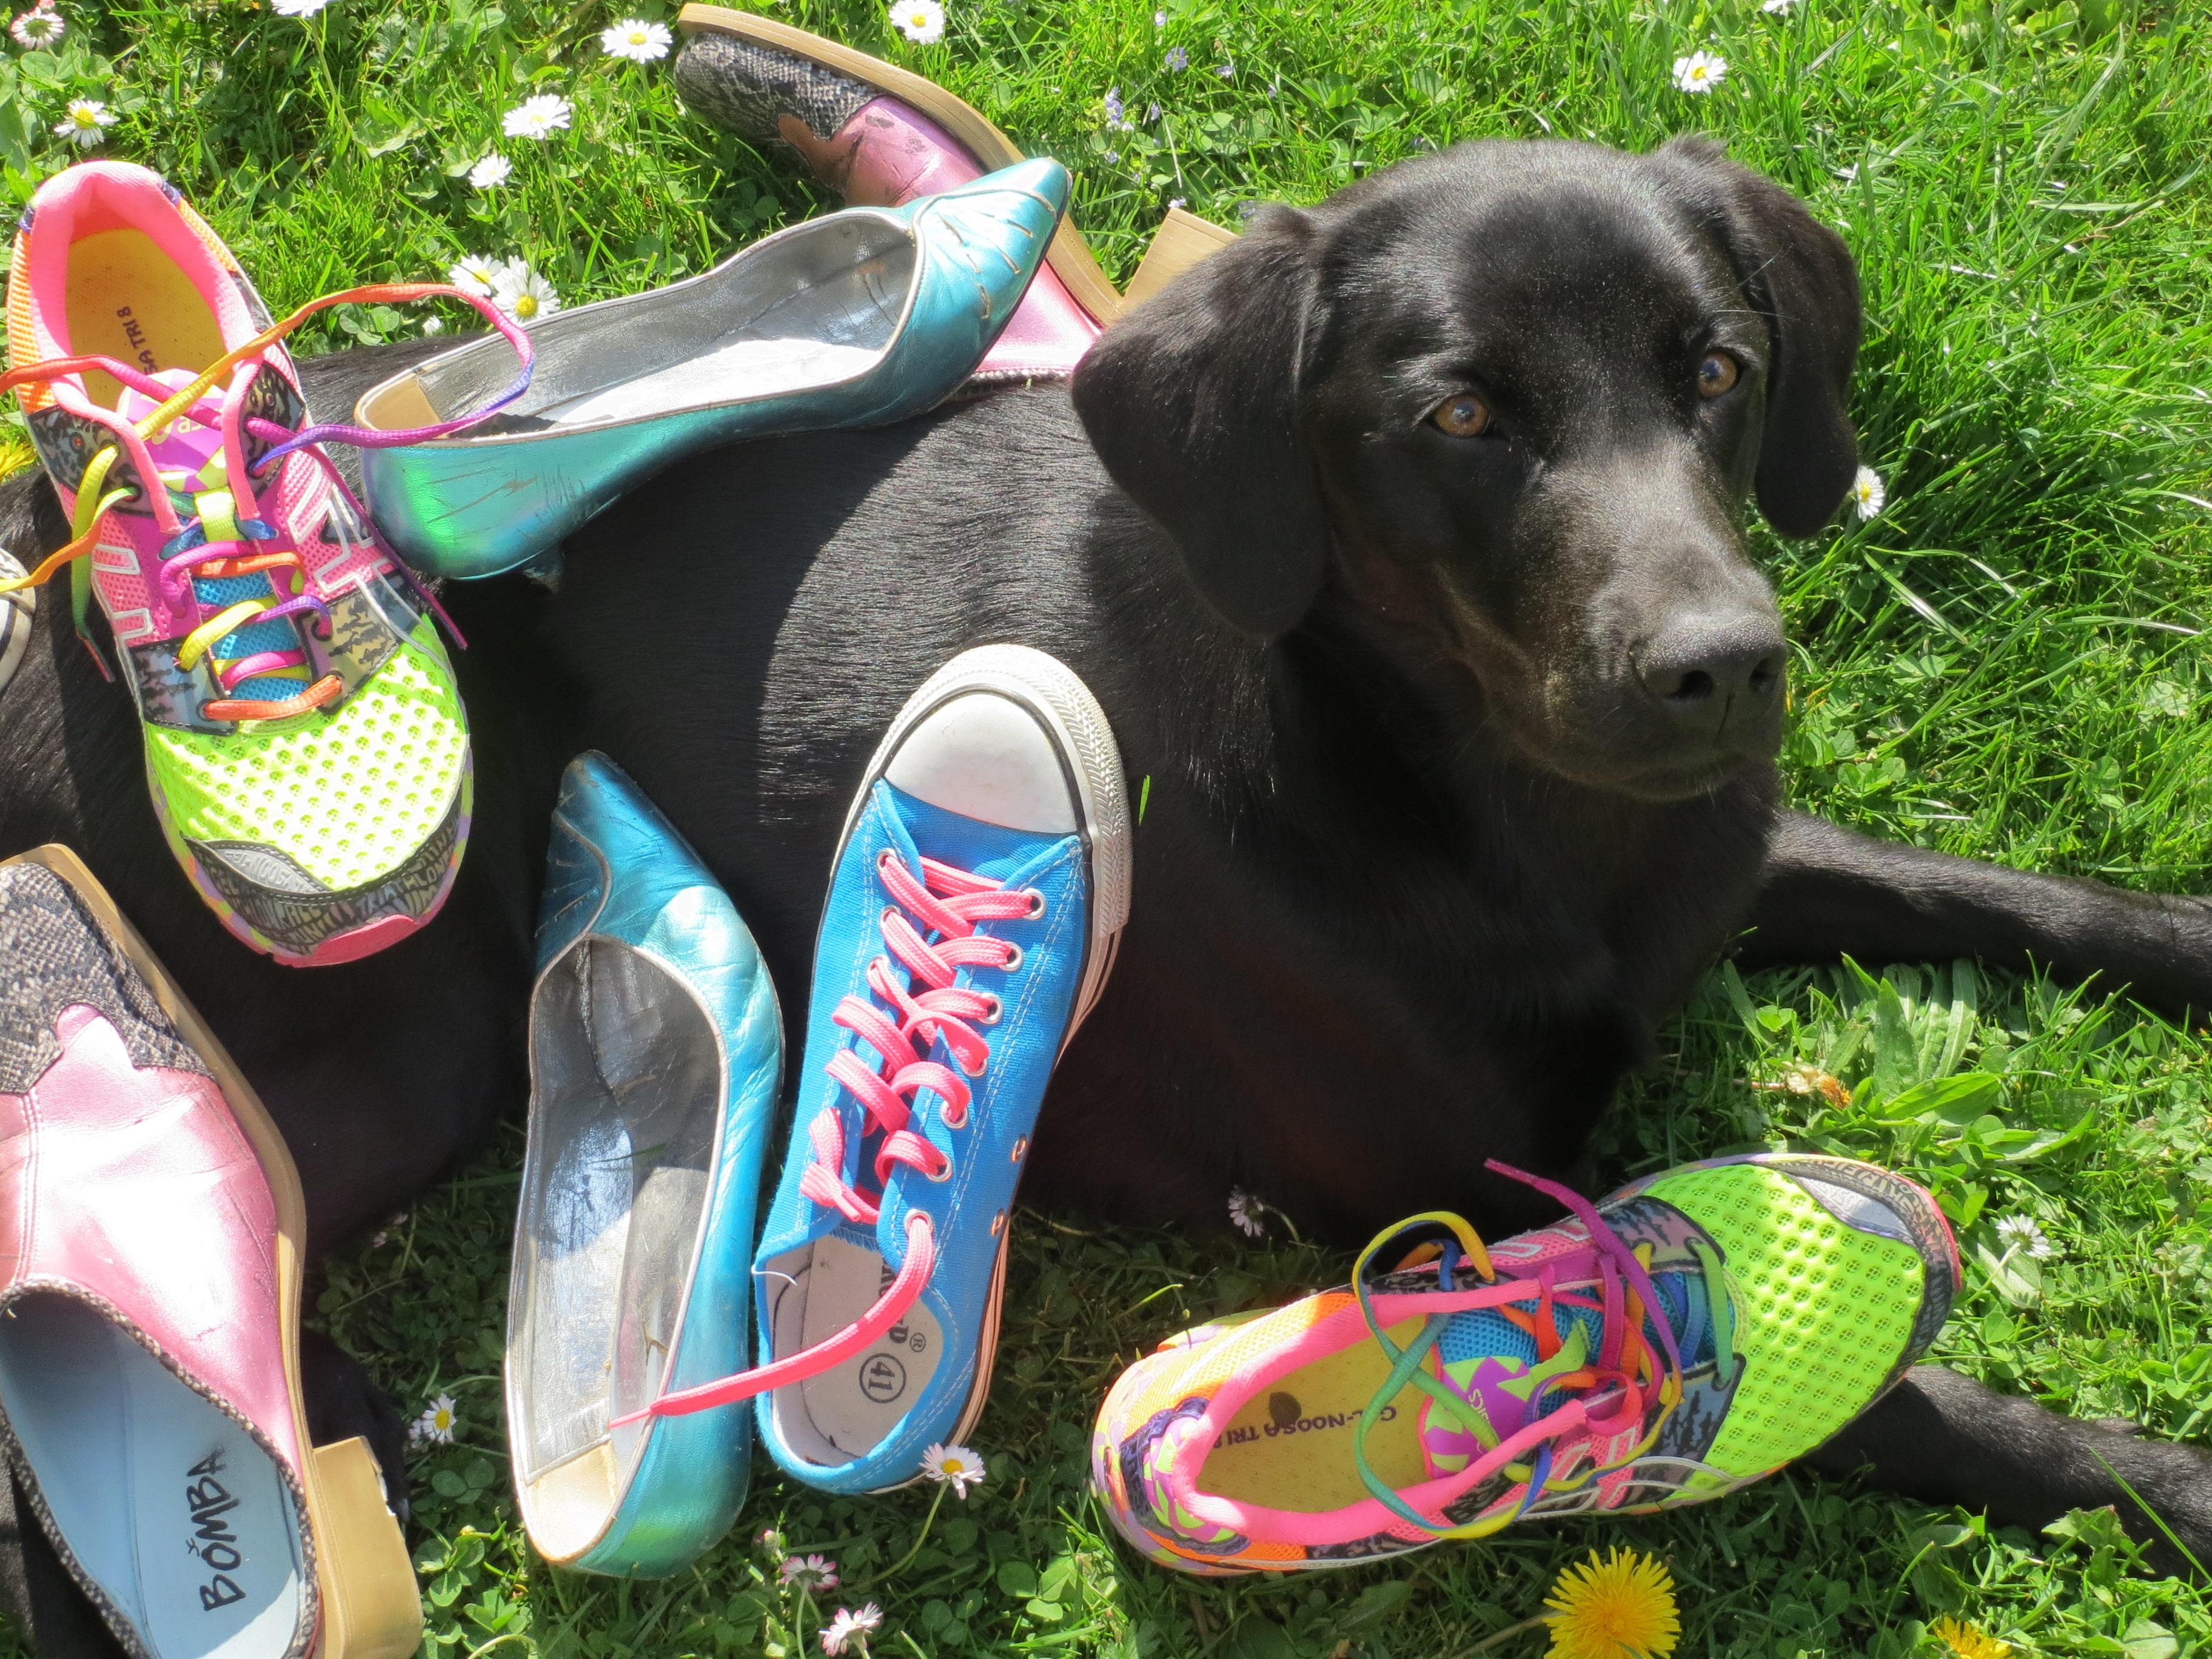 Miss Lomax, die Bloggerin unter www.flipper-privat.de hat ihre eigene Meinung zur Hunderziehung ihres Frauchens, der Autorin Michaela Seul